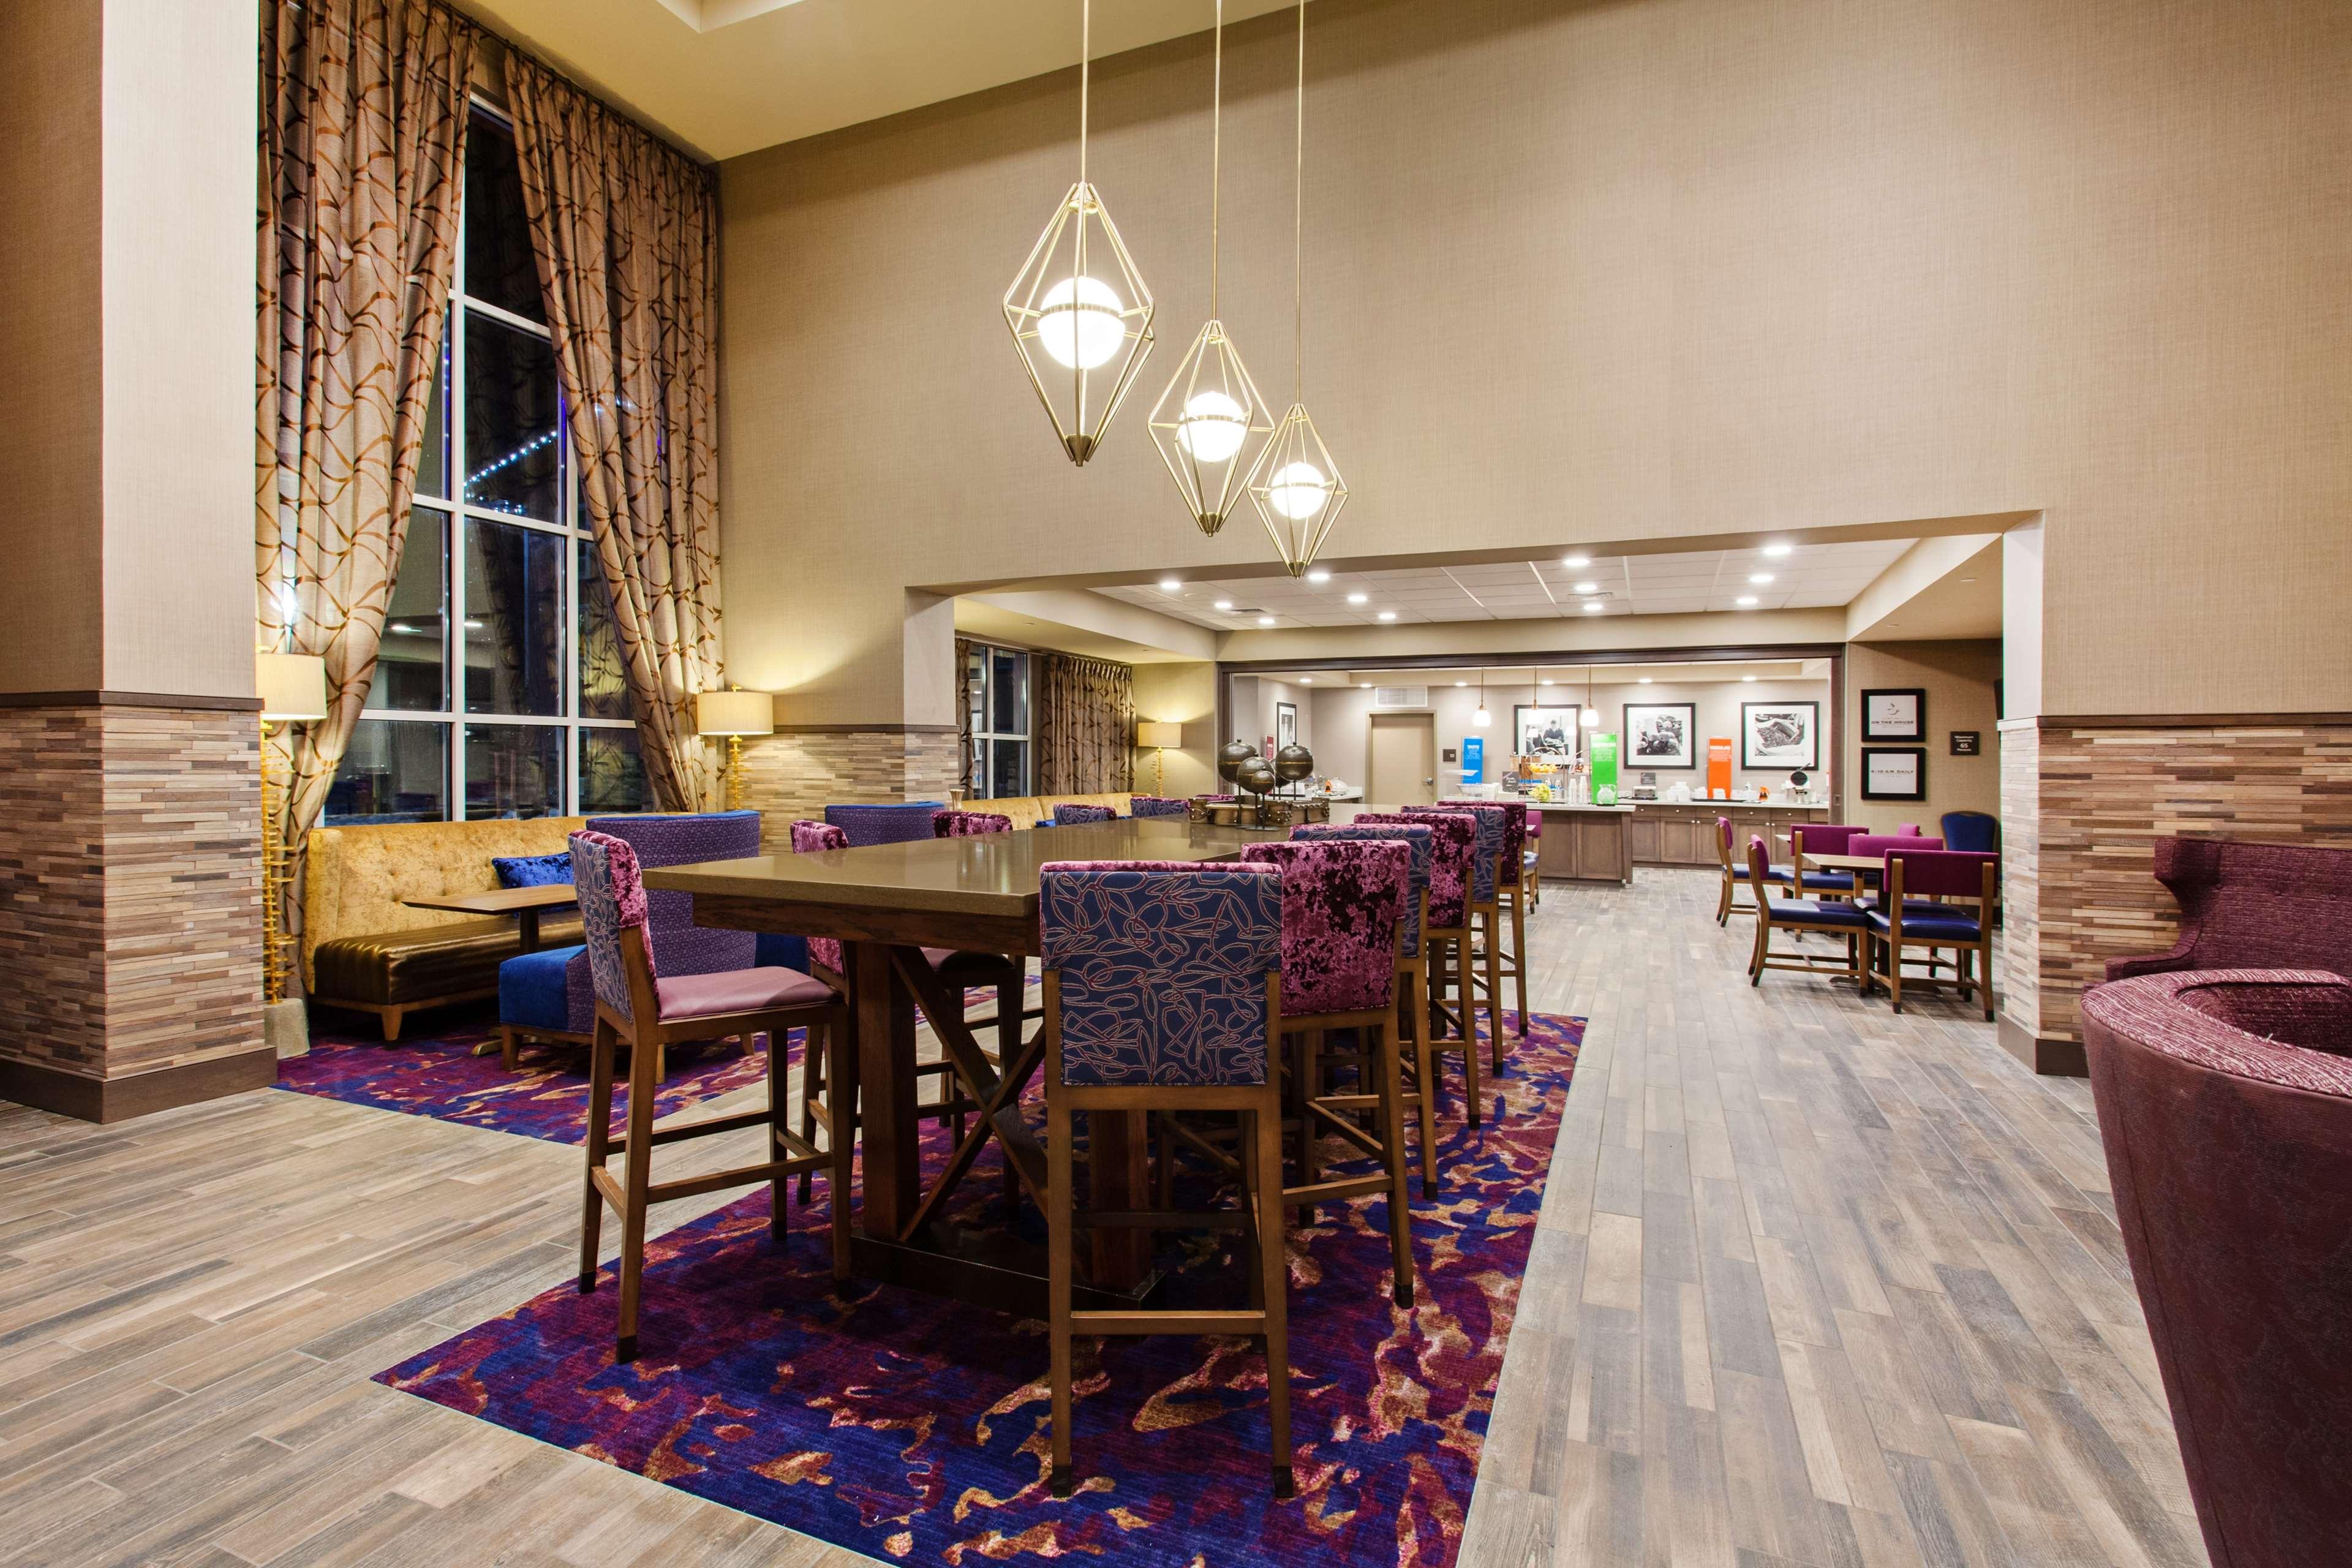 Hampton Inn & Suites Leavenworth image 10